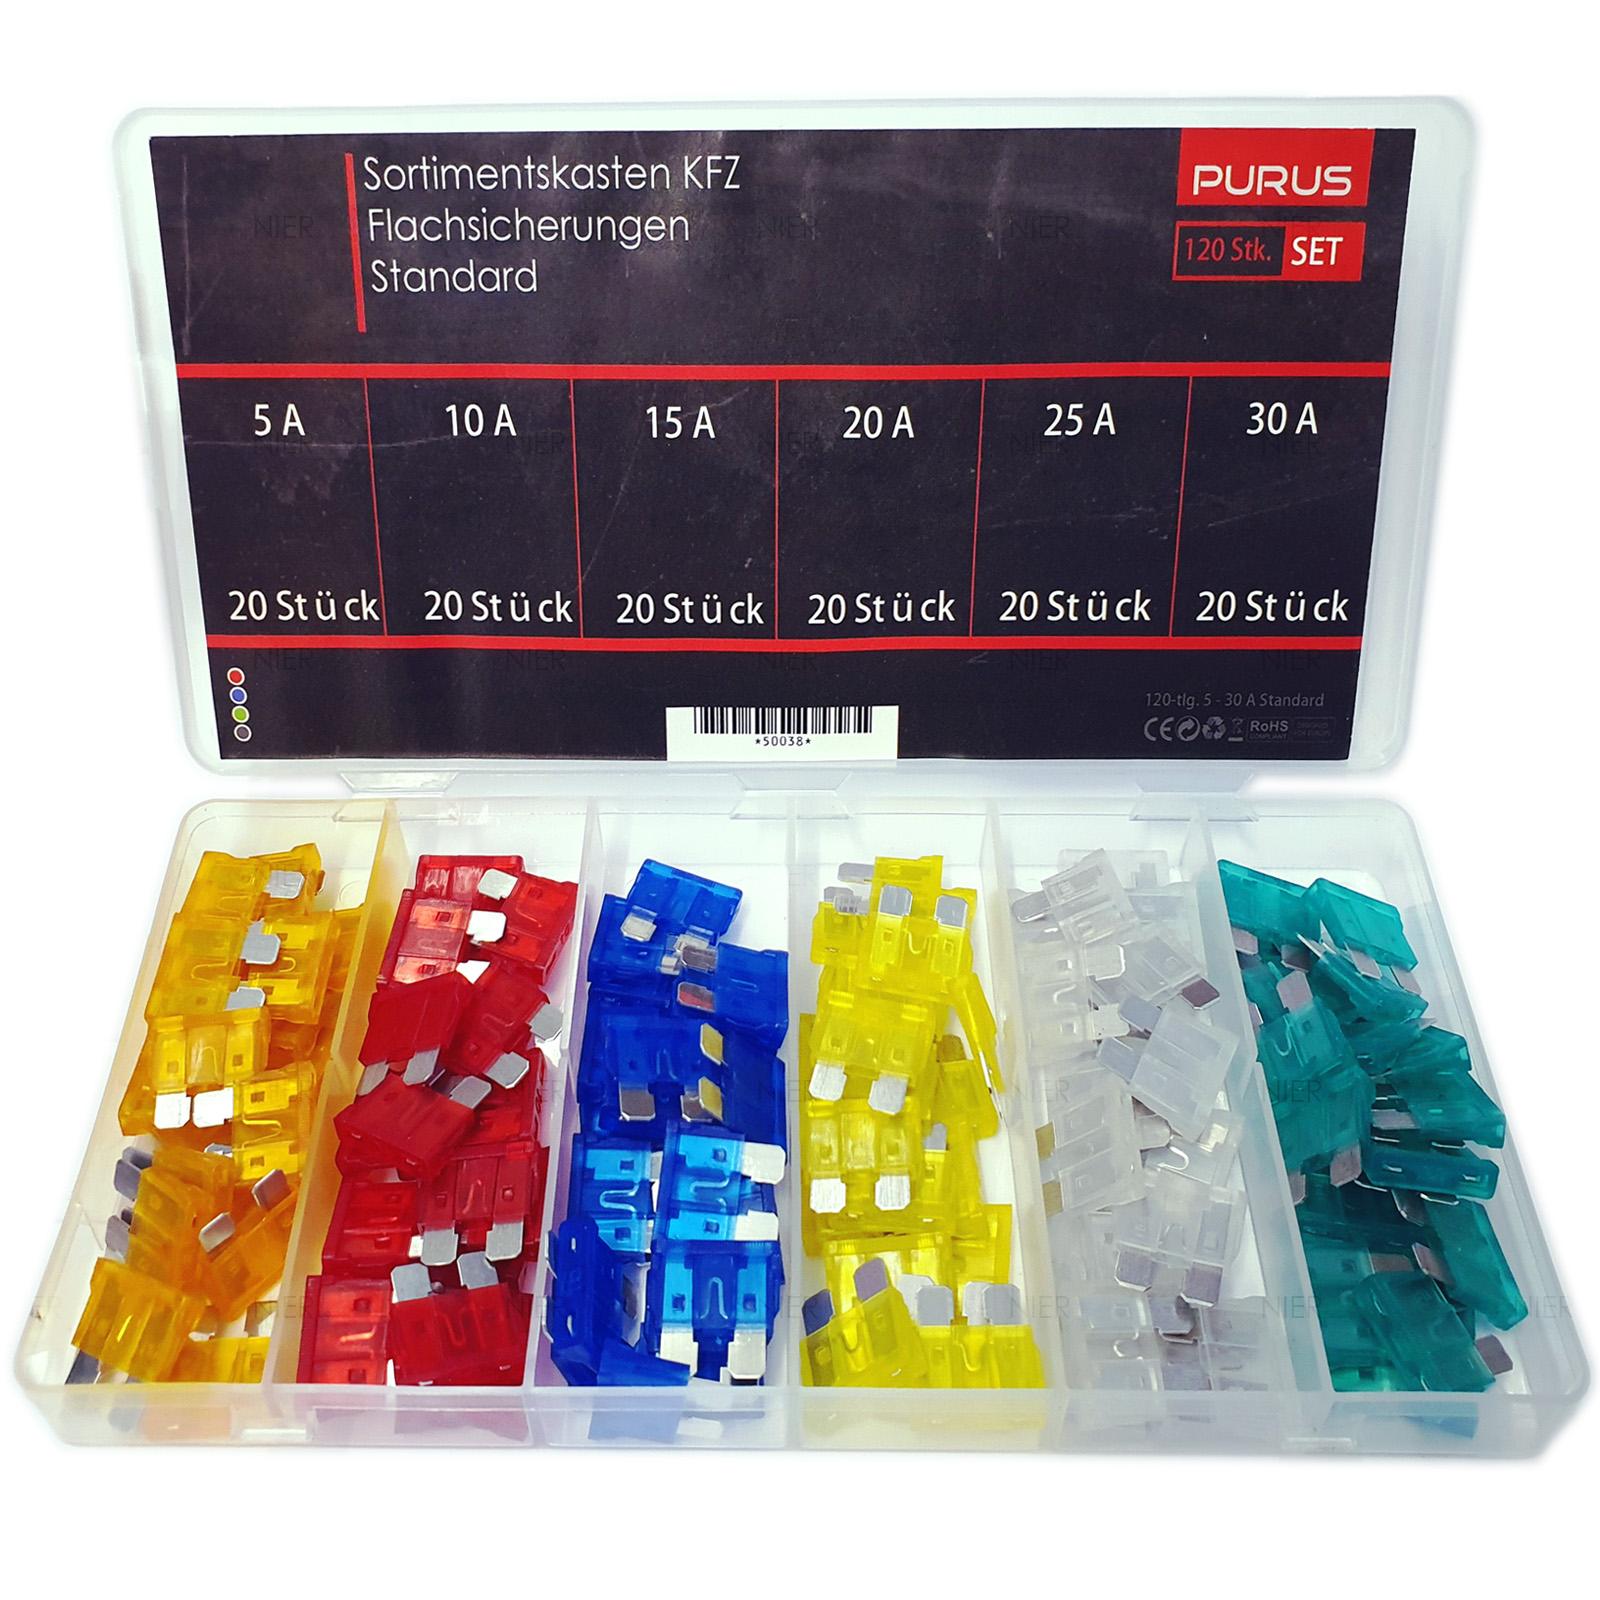 100 Stk//Box Autosicherungen KFZ Sicherungen Flachsicherung 2A-35A Sortiment Set